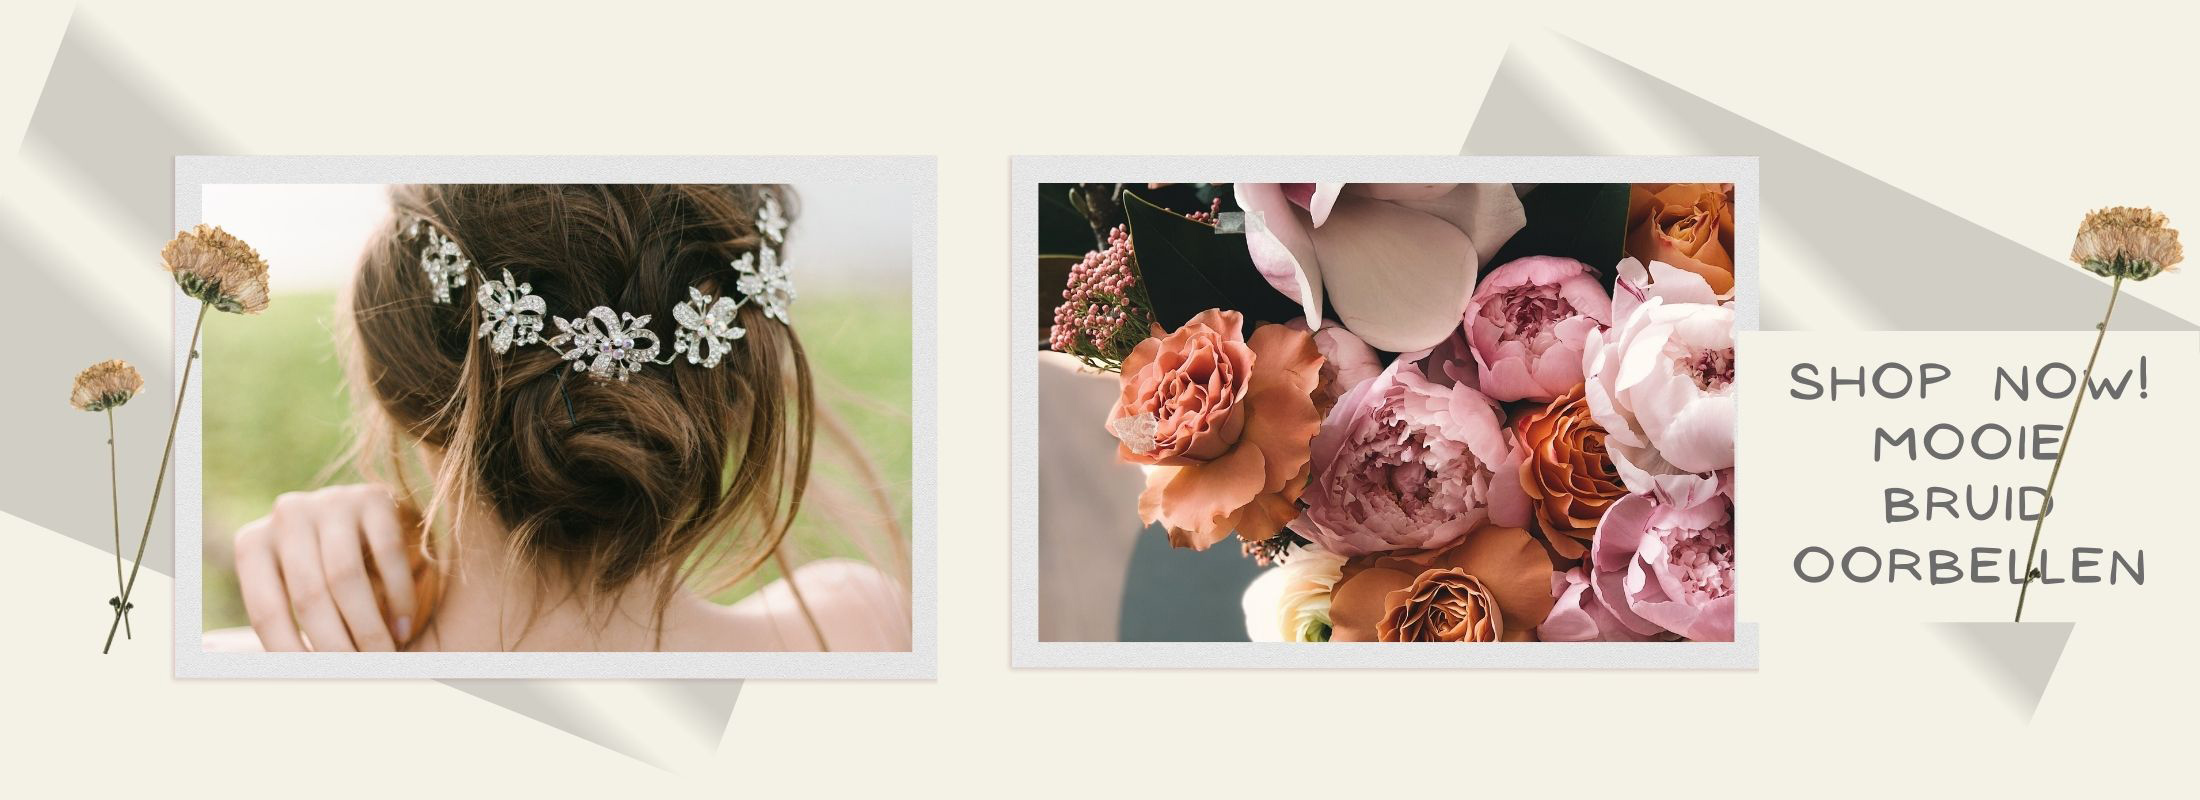 Bruid oorbellen